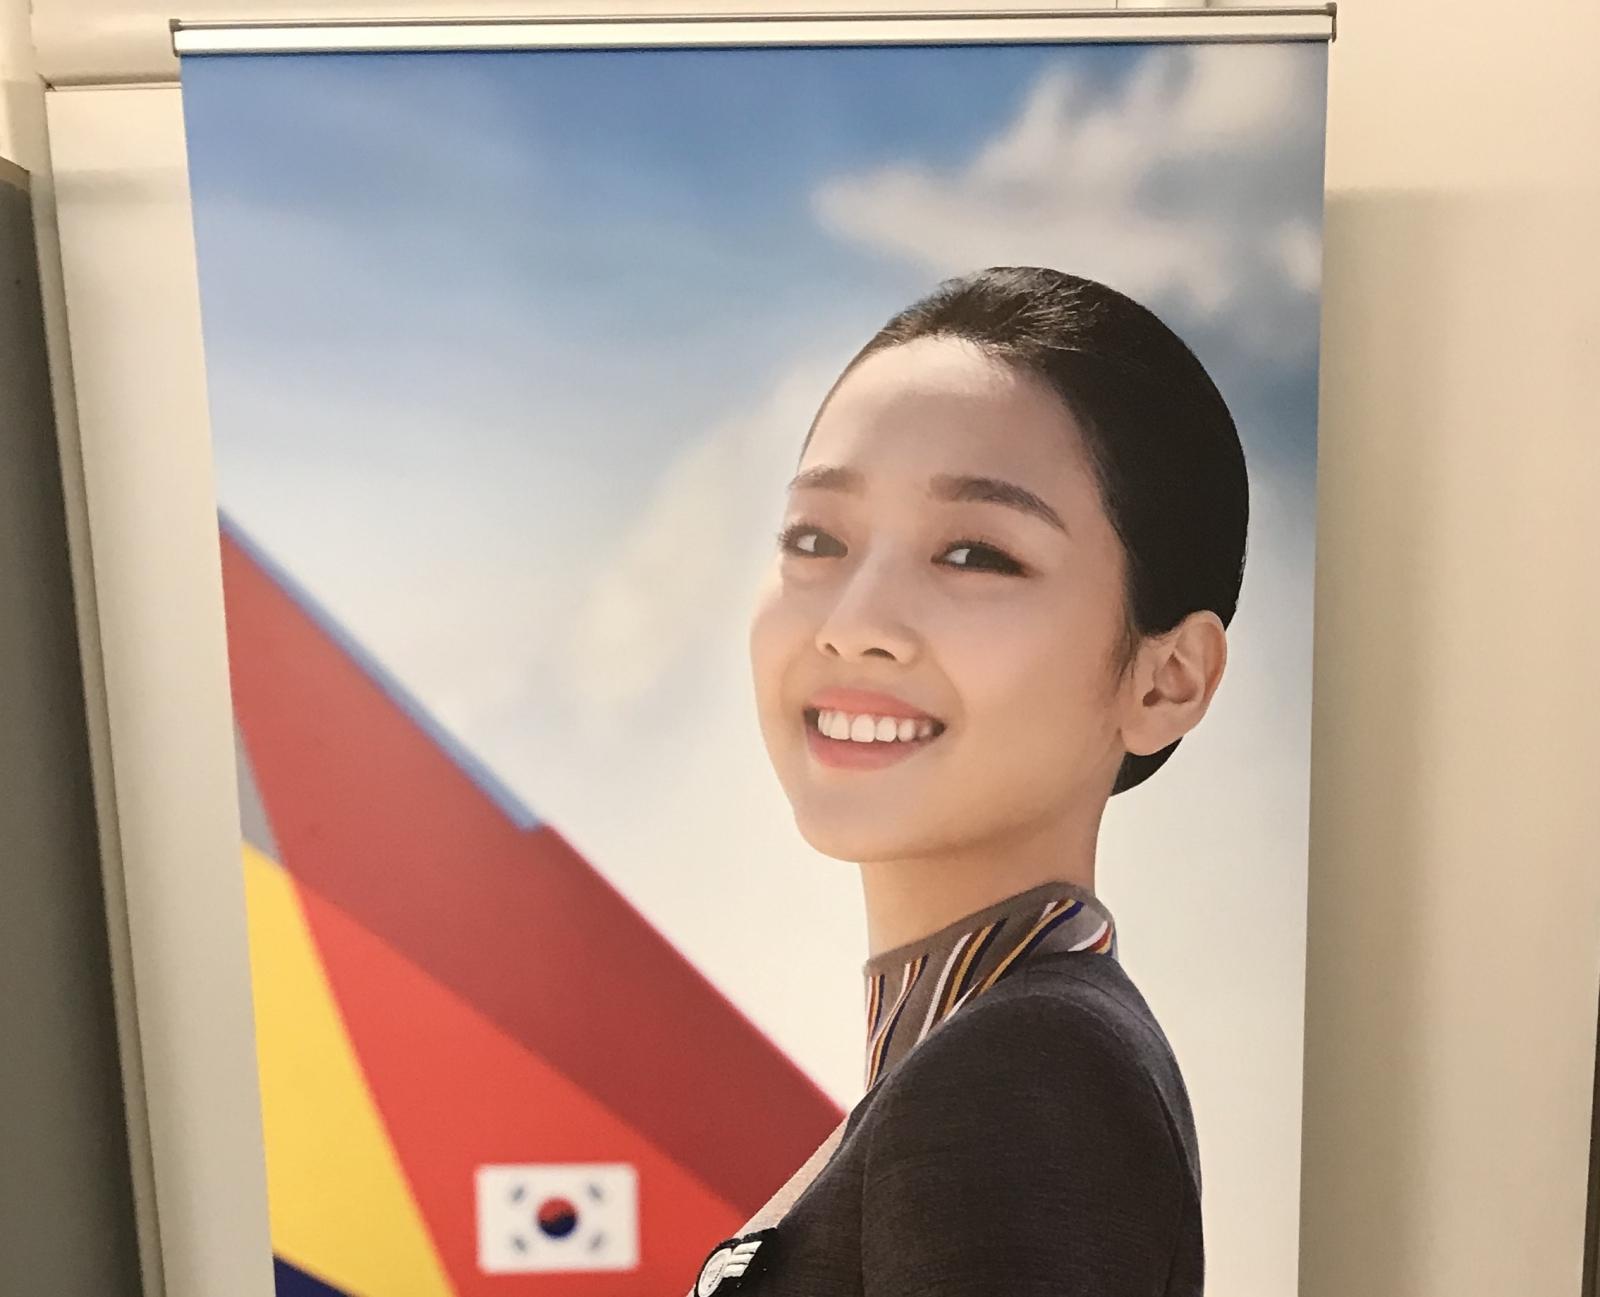 Roll-Up Personalizzato per compagnie aeree, stampa su supporto PVC riavvolgibile